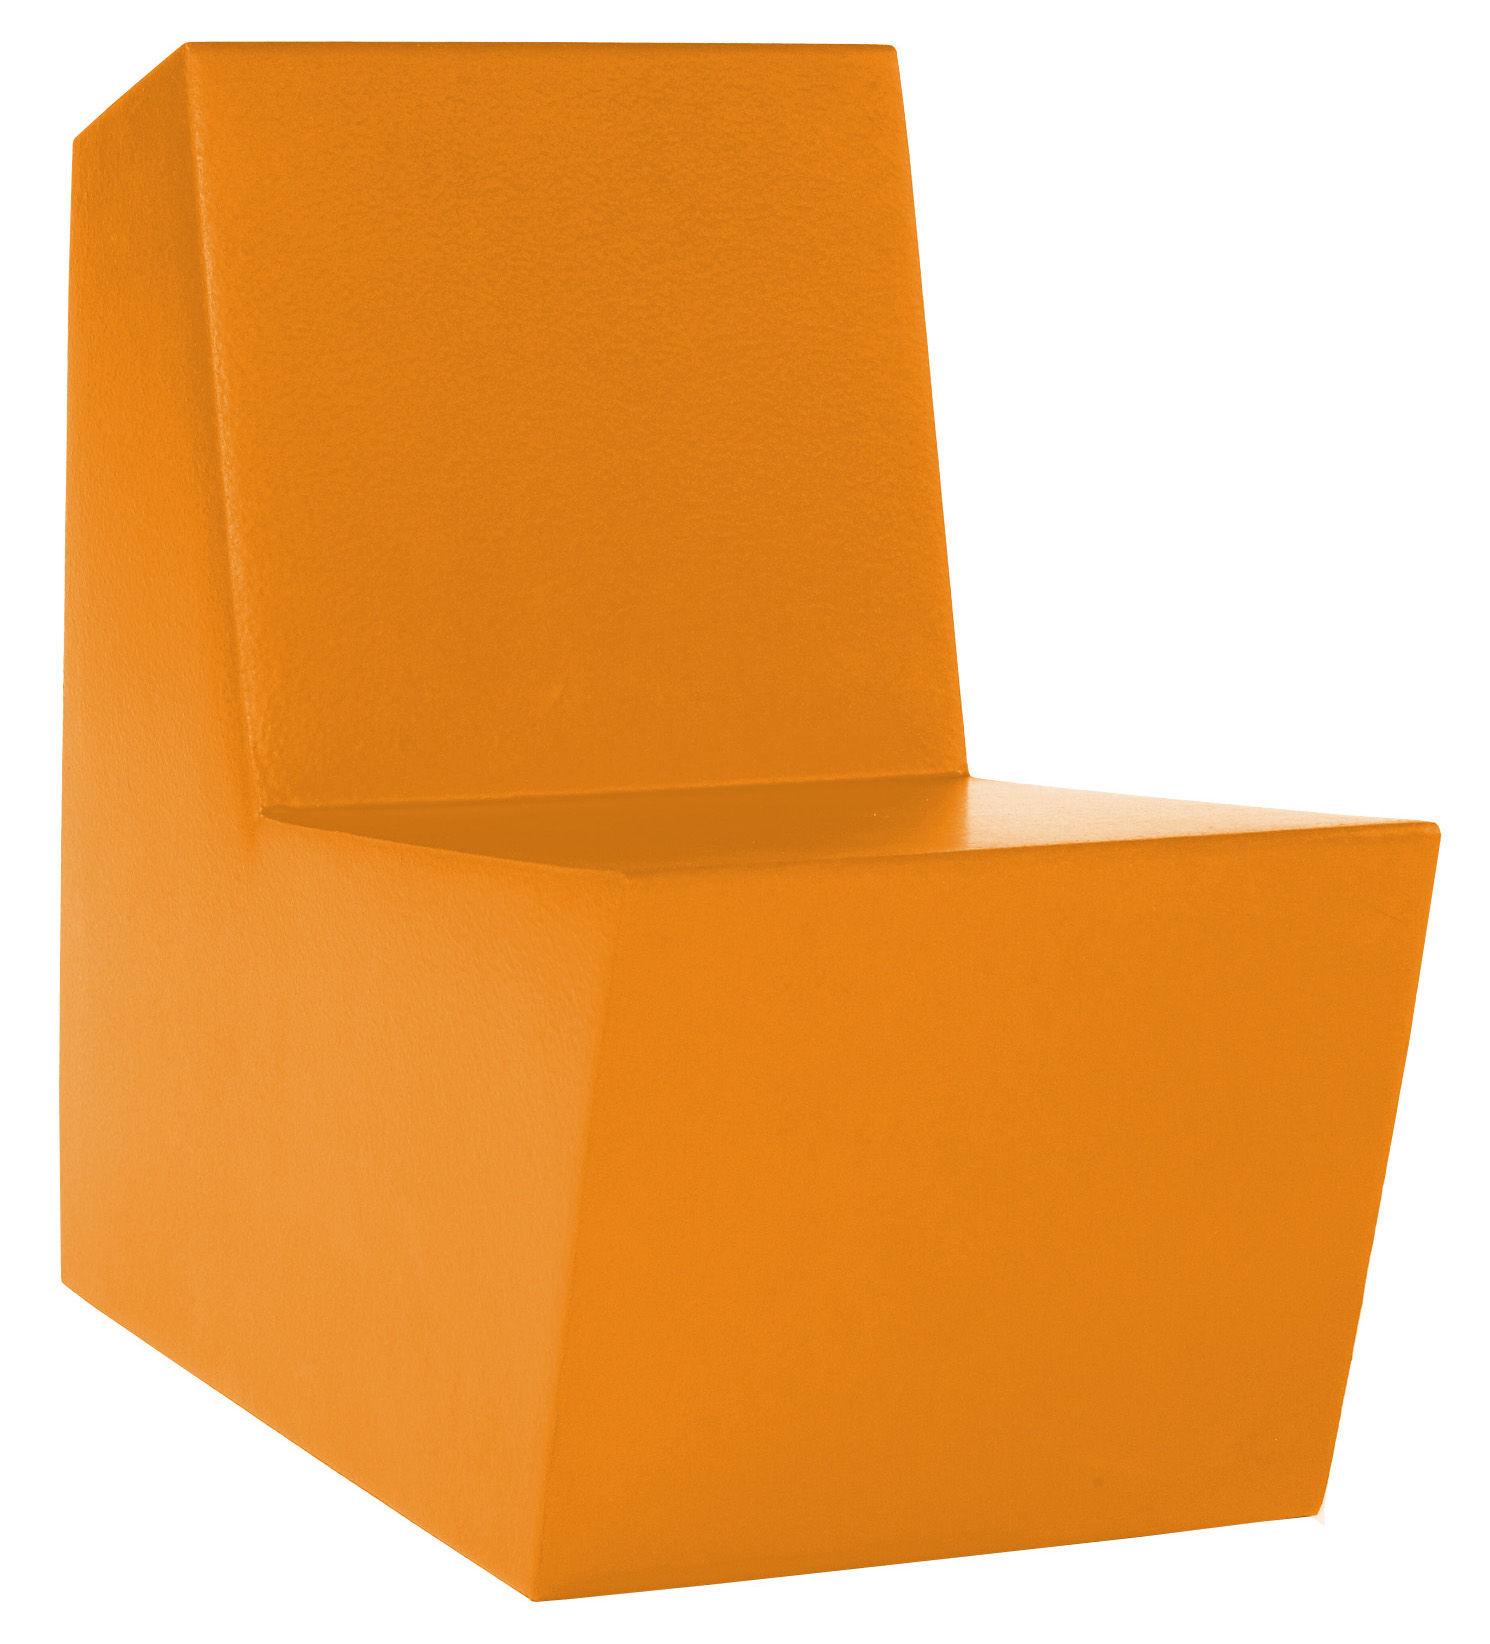 Mobilier - Mobilier Kids - Fauteuil enfant Minus Primary Solo - Quinze & Milan - Orange - Mousse de polyuréthane